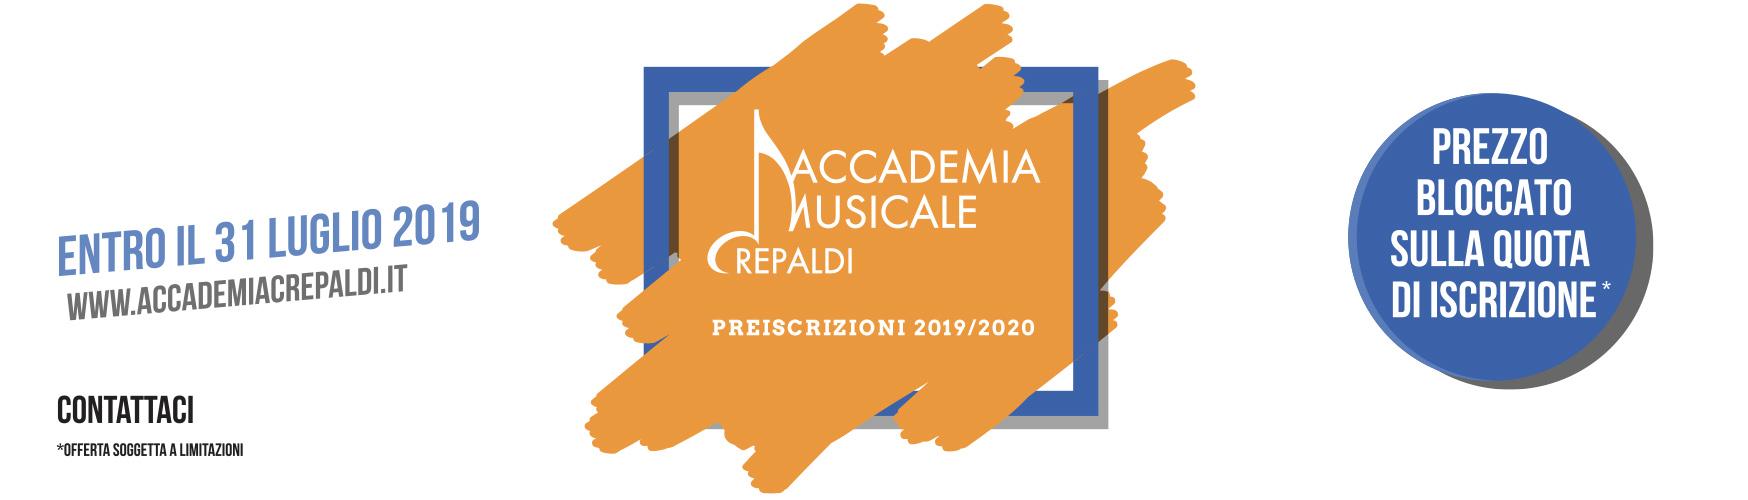 Preiscrizioni 19/20 - Accademia Musicale Crepaldi